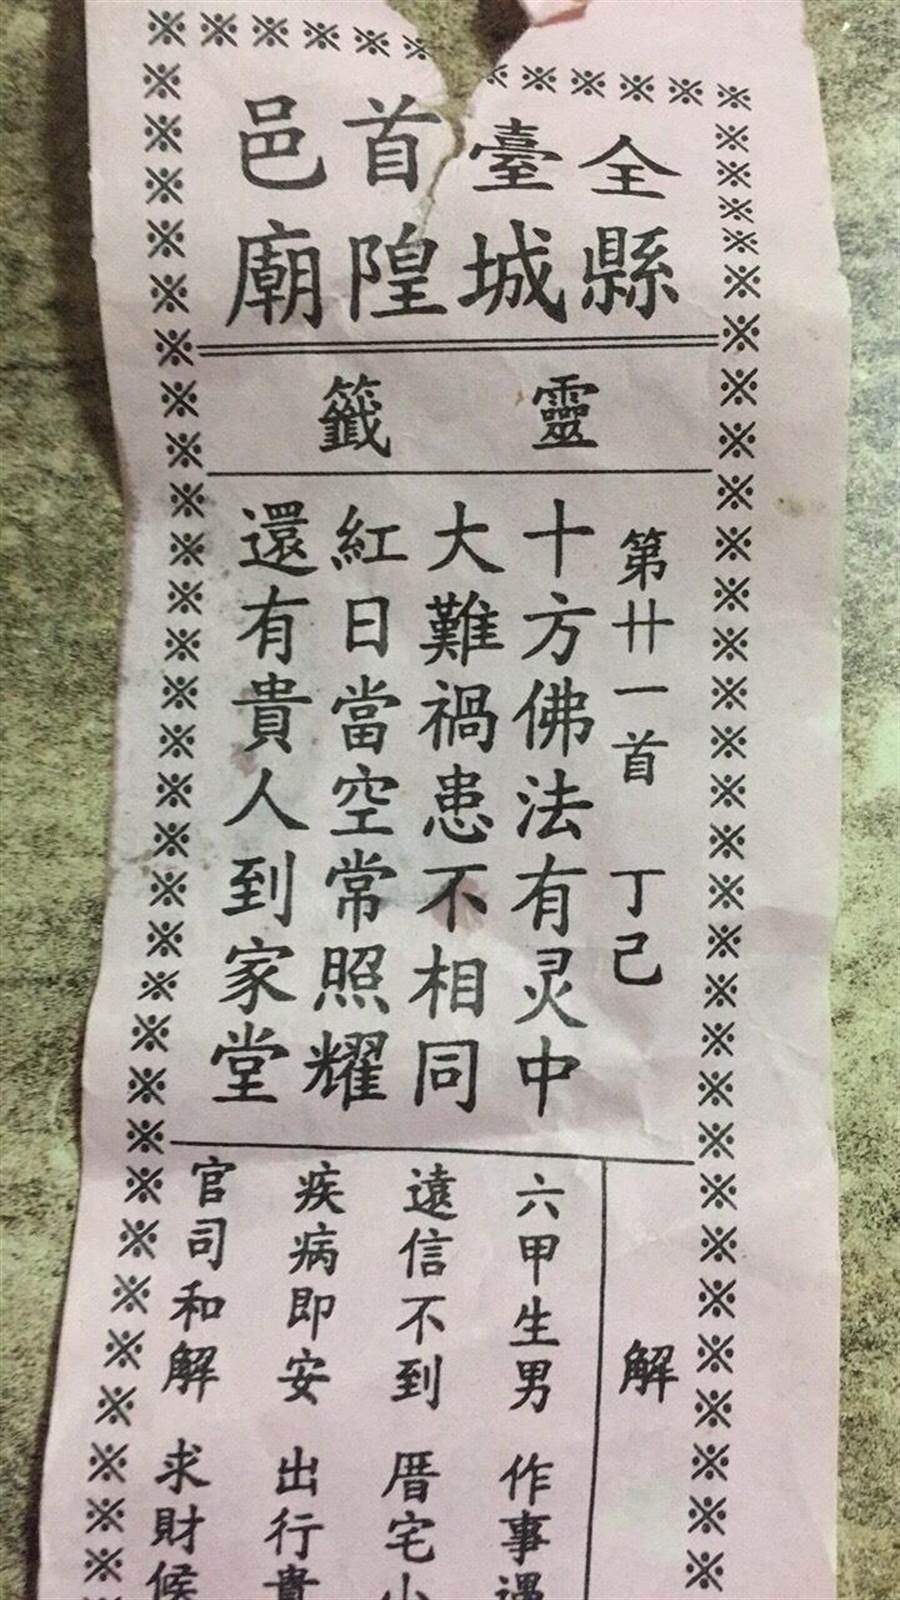 麻豆派出所巡佐吳孟宇日前協助一名身分不明女子找回家人,家屬拿出一張在全台首邑縣城隍廟求得的靈籤,感謝員警是她女兒的貴人。(劉秀芬翻攝)